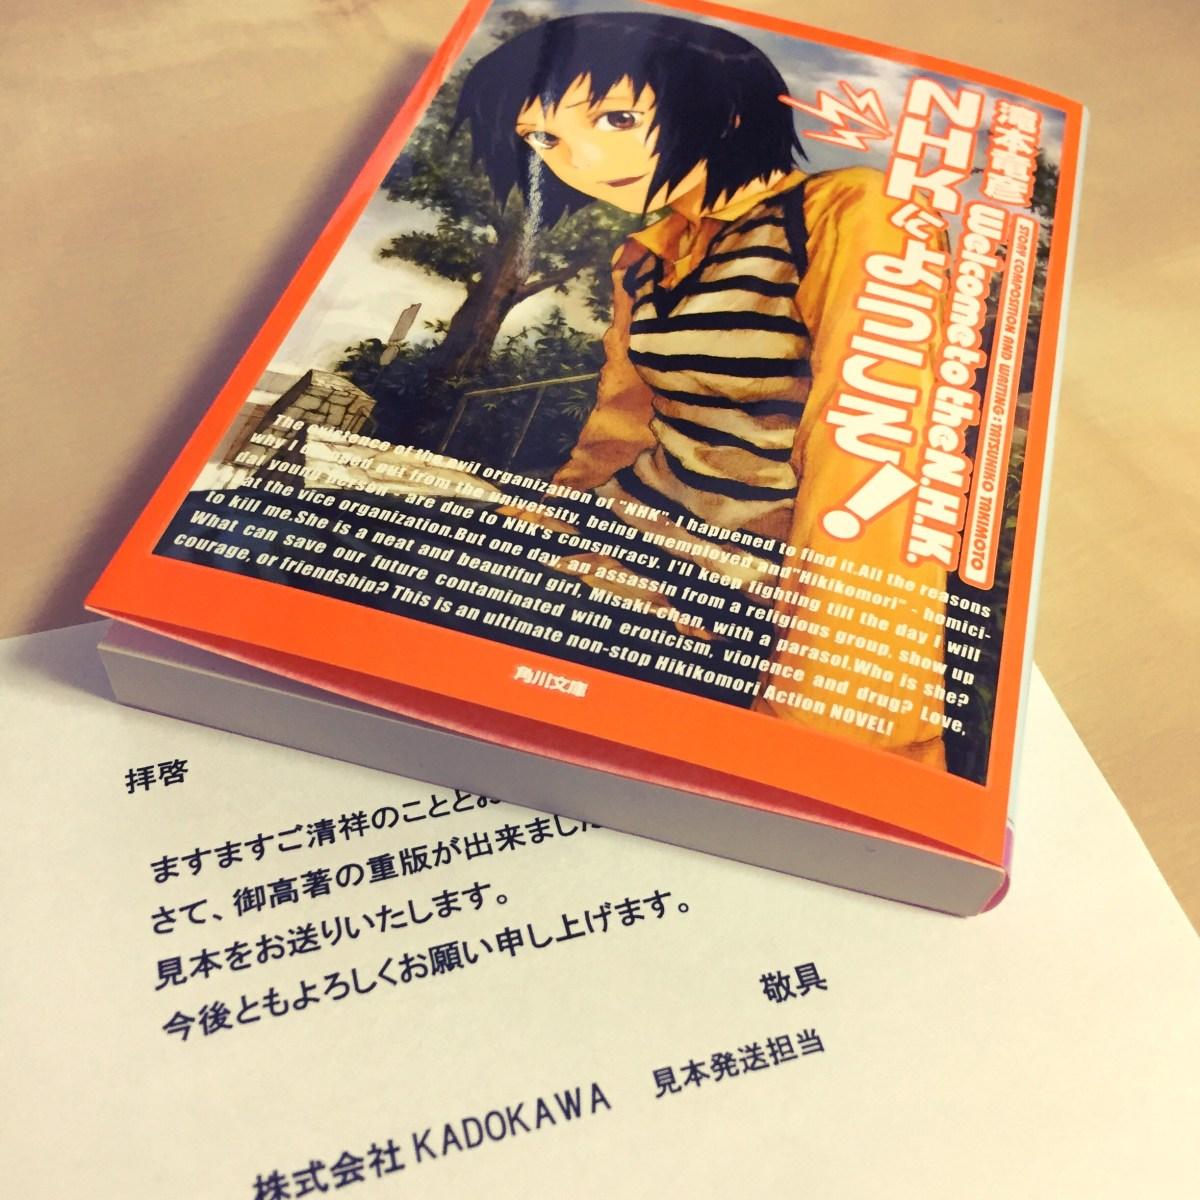 小説『NHKにようこそ!』が重版されました